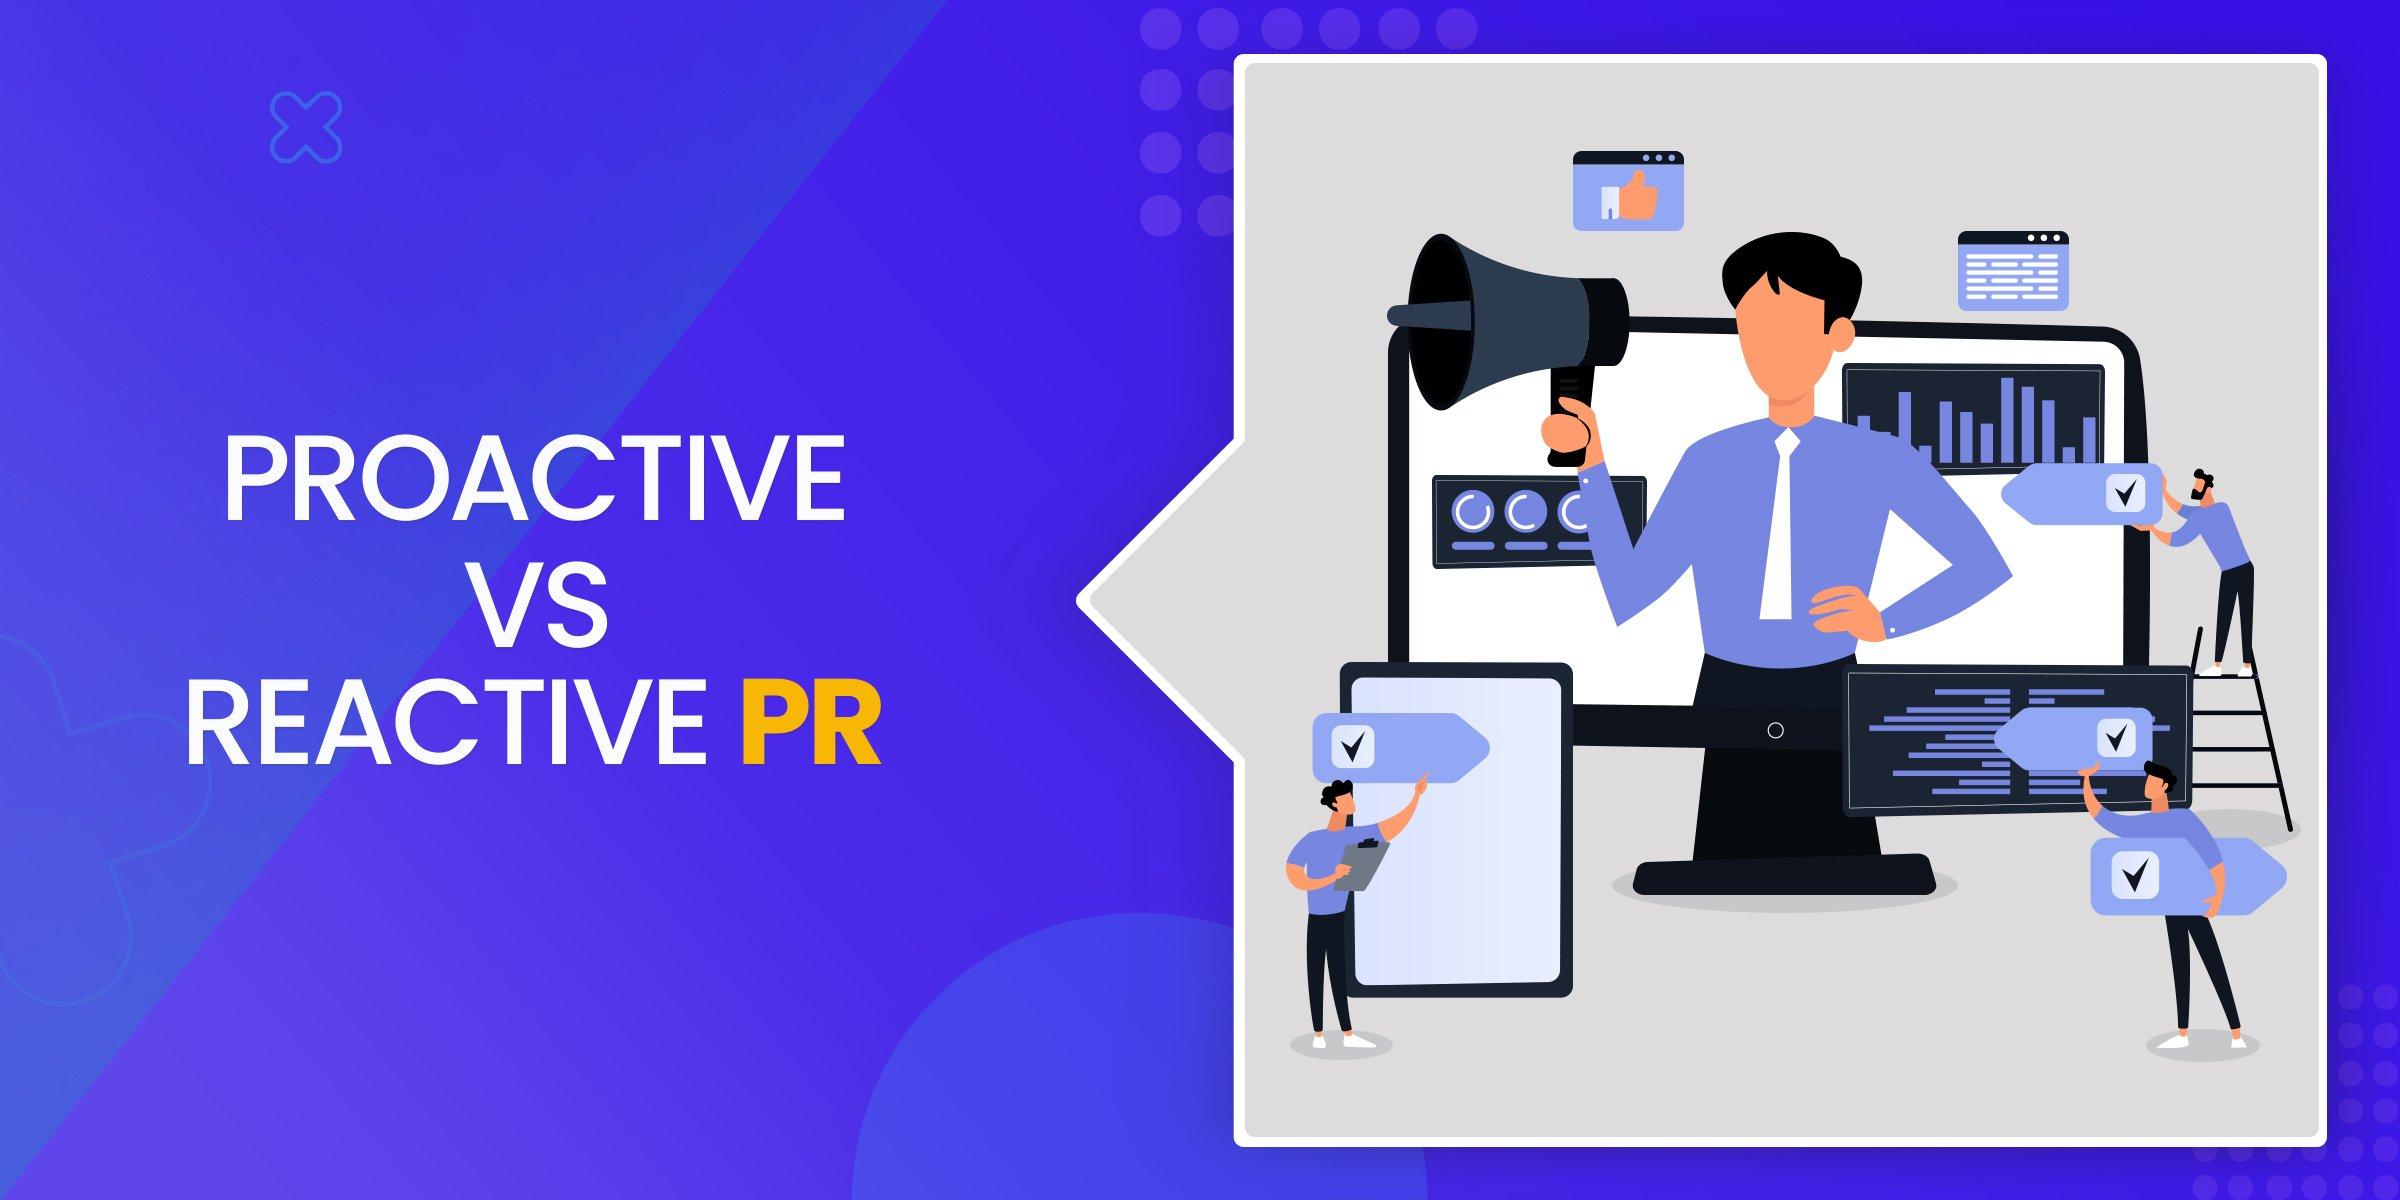 Proactive vs Reactive PR